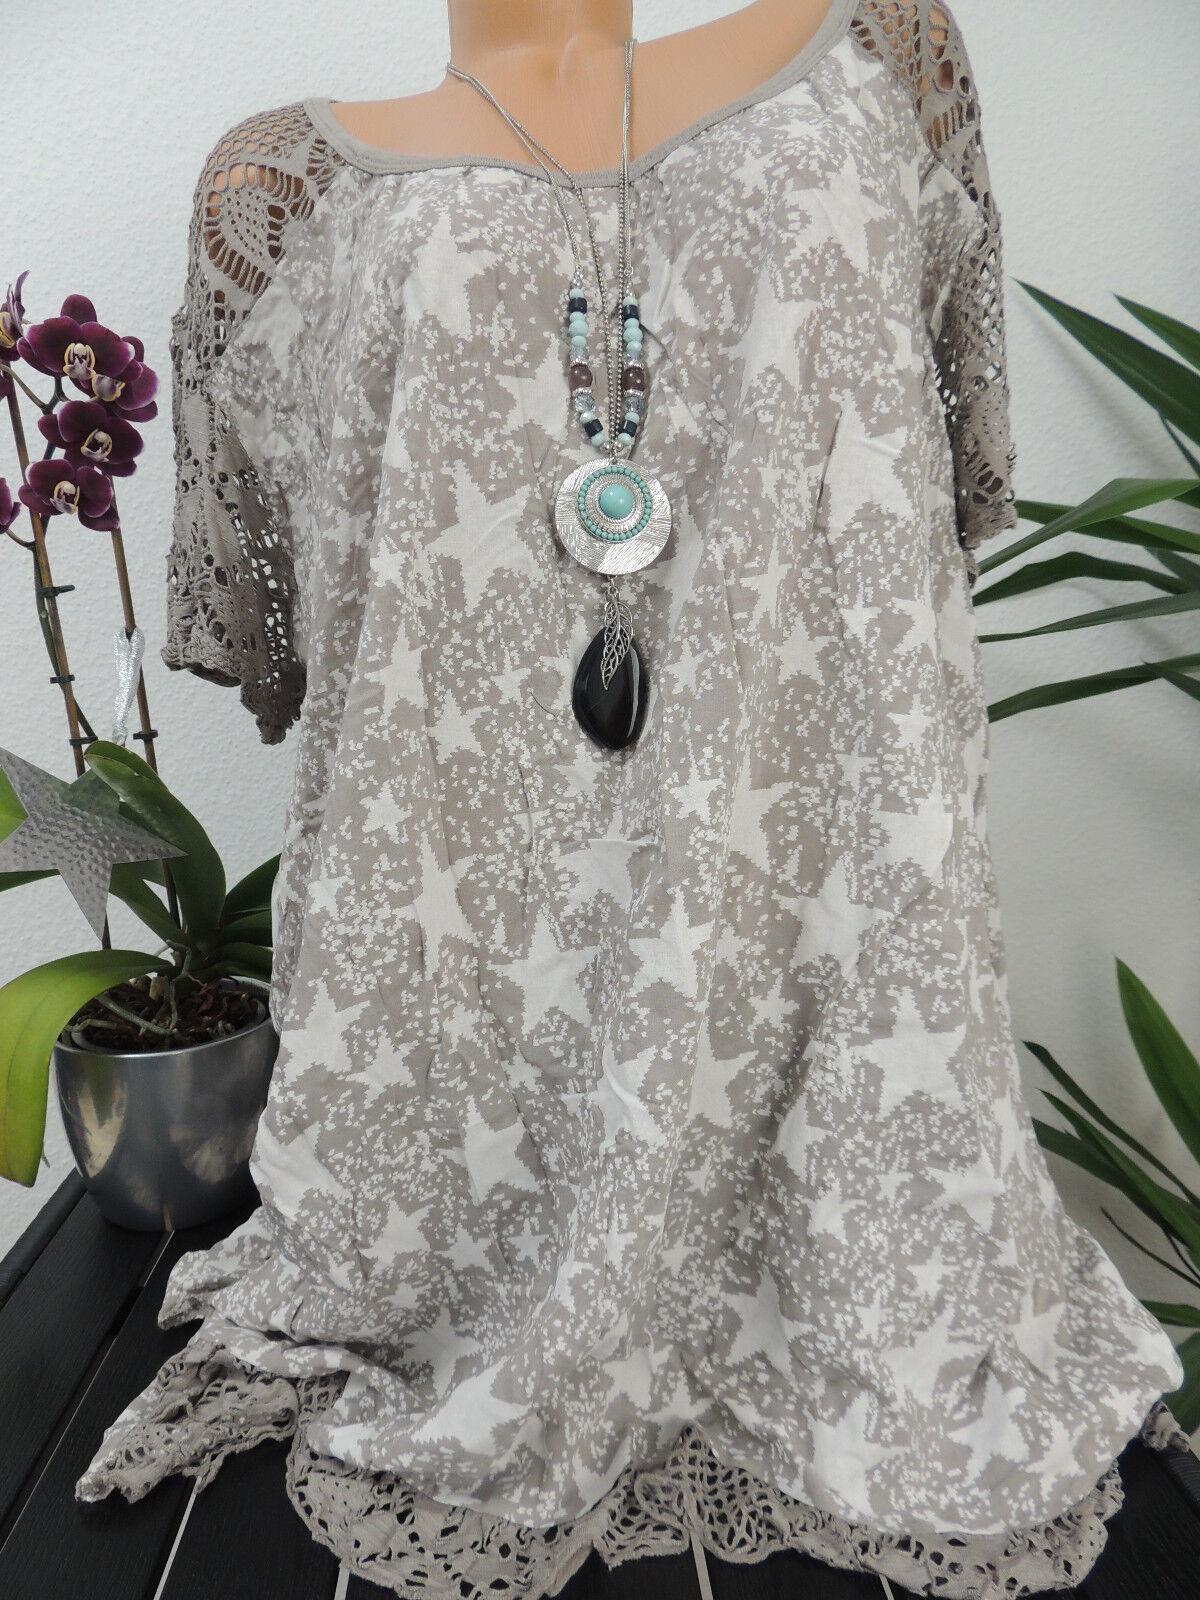 Damen Bluse Größe 46 48 50 52 54 Übergröße Tunika Blusen Shirt Batik Spitze 81 Blusen, Tops & Shirts Damenmode